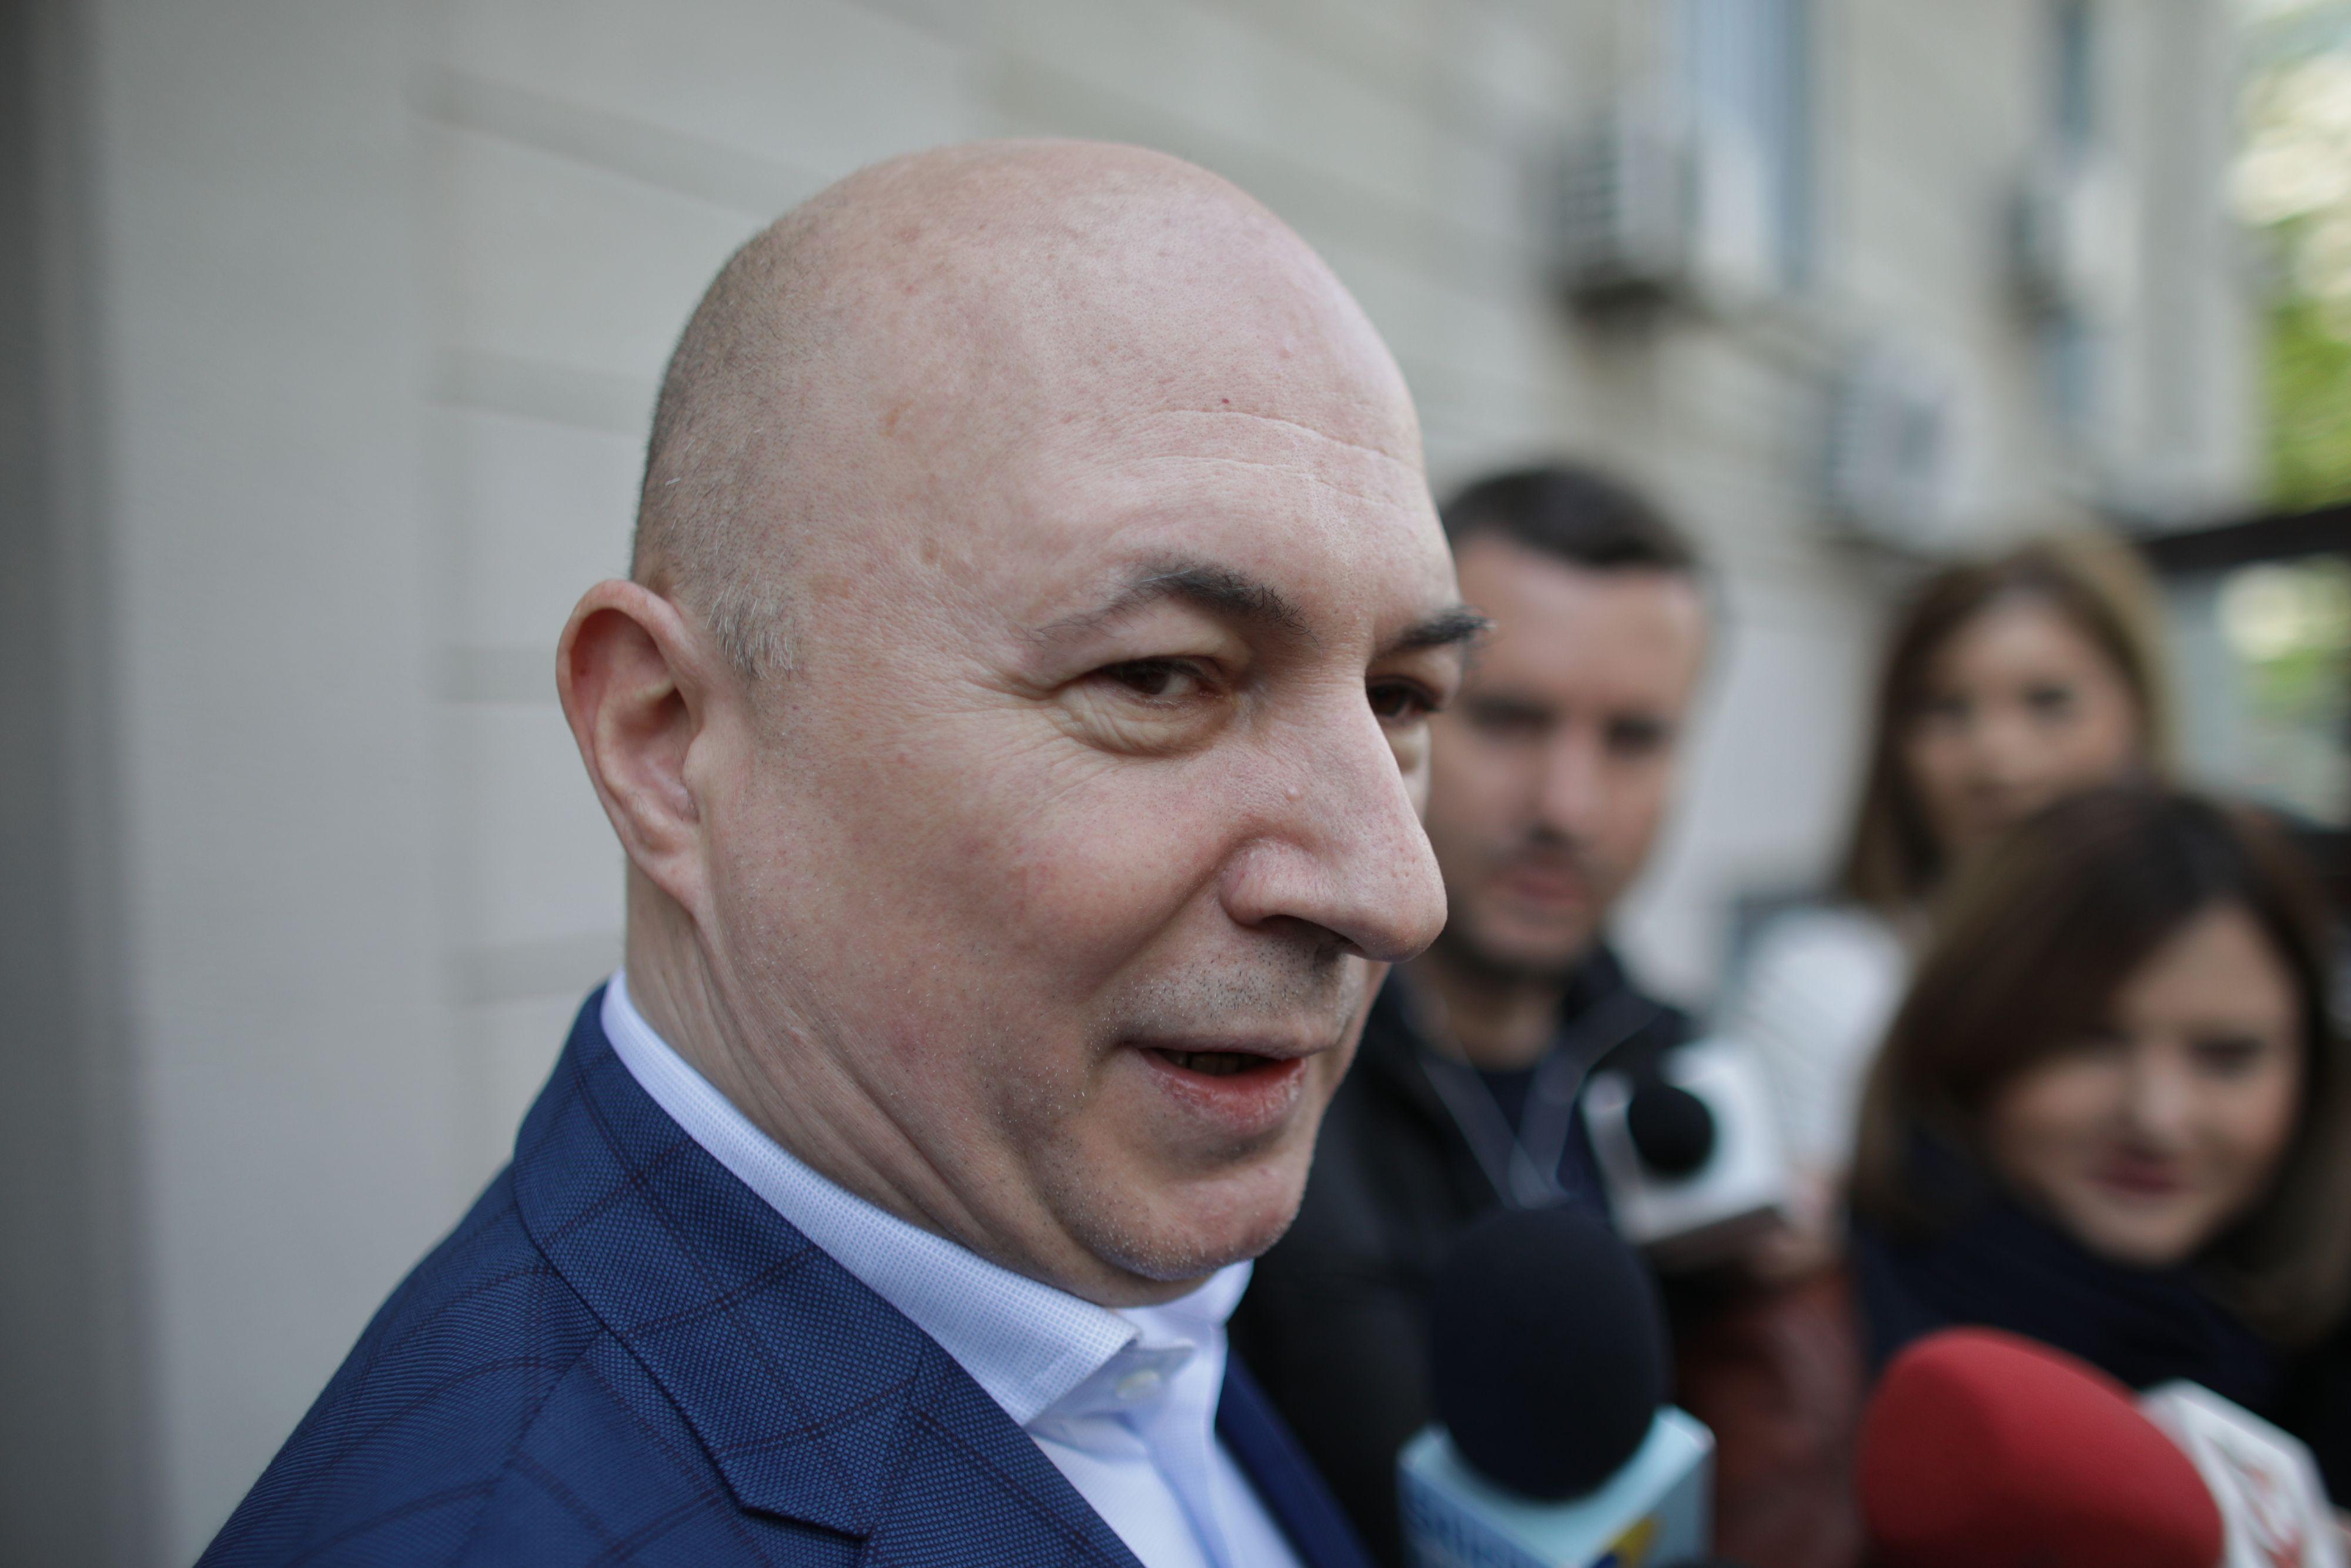 VIDEO. Codrin Ștefănescu audiat de procurorii DNA. Fostul număr doi în PSD are calitatea de suspect 14